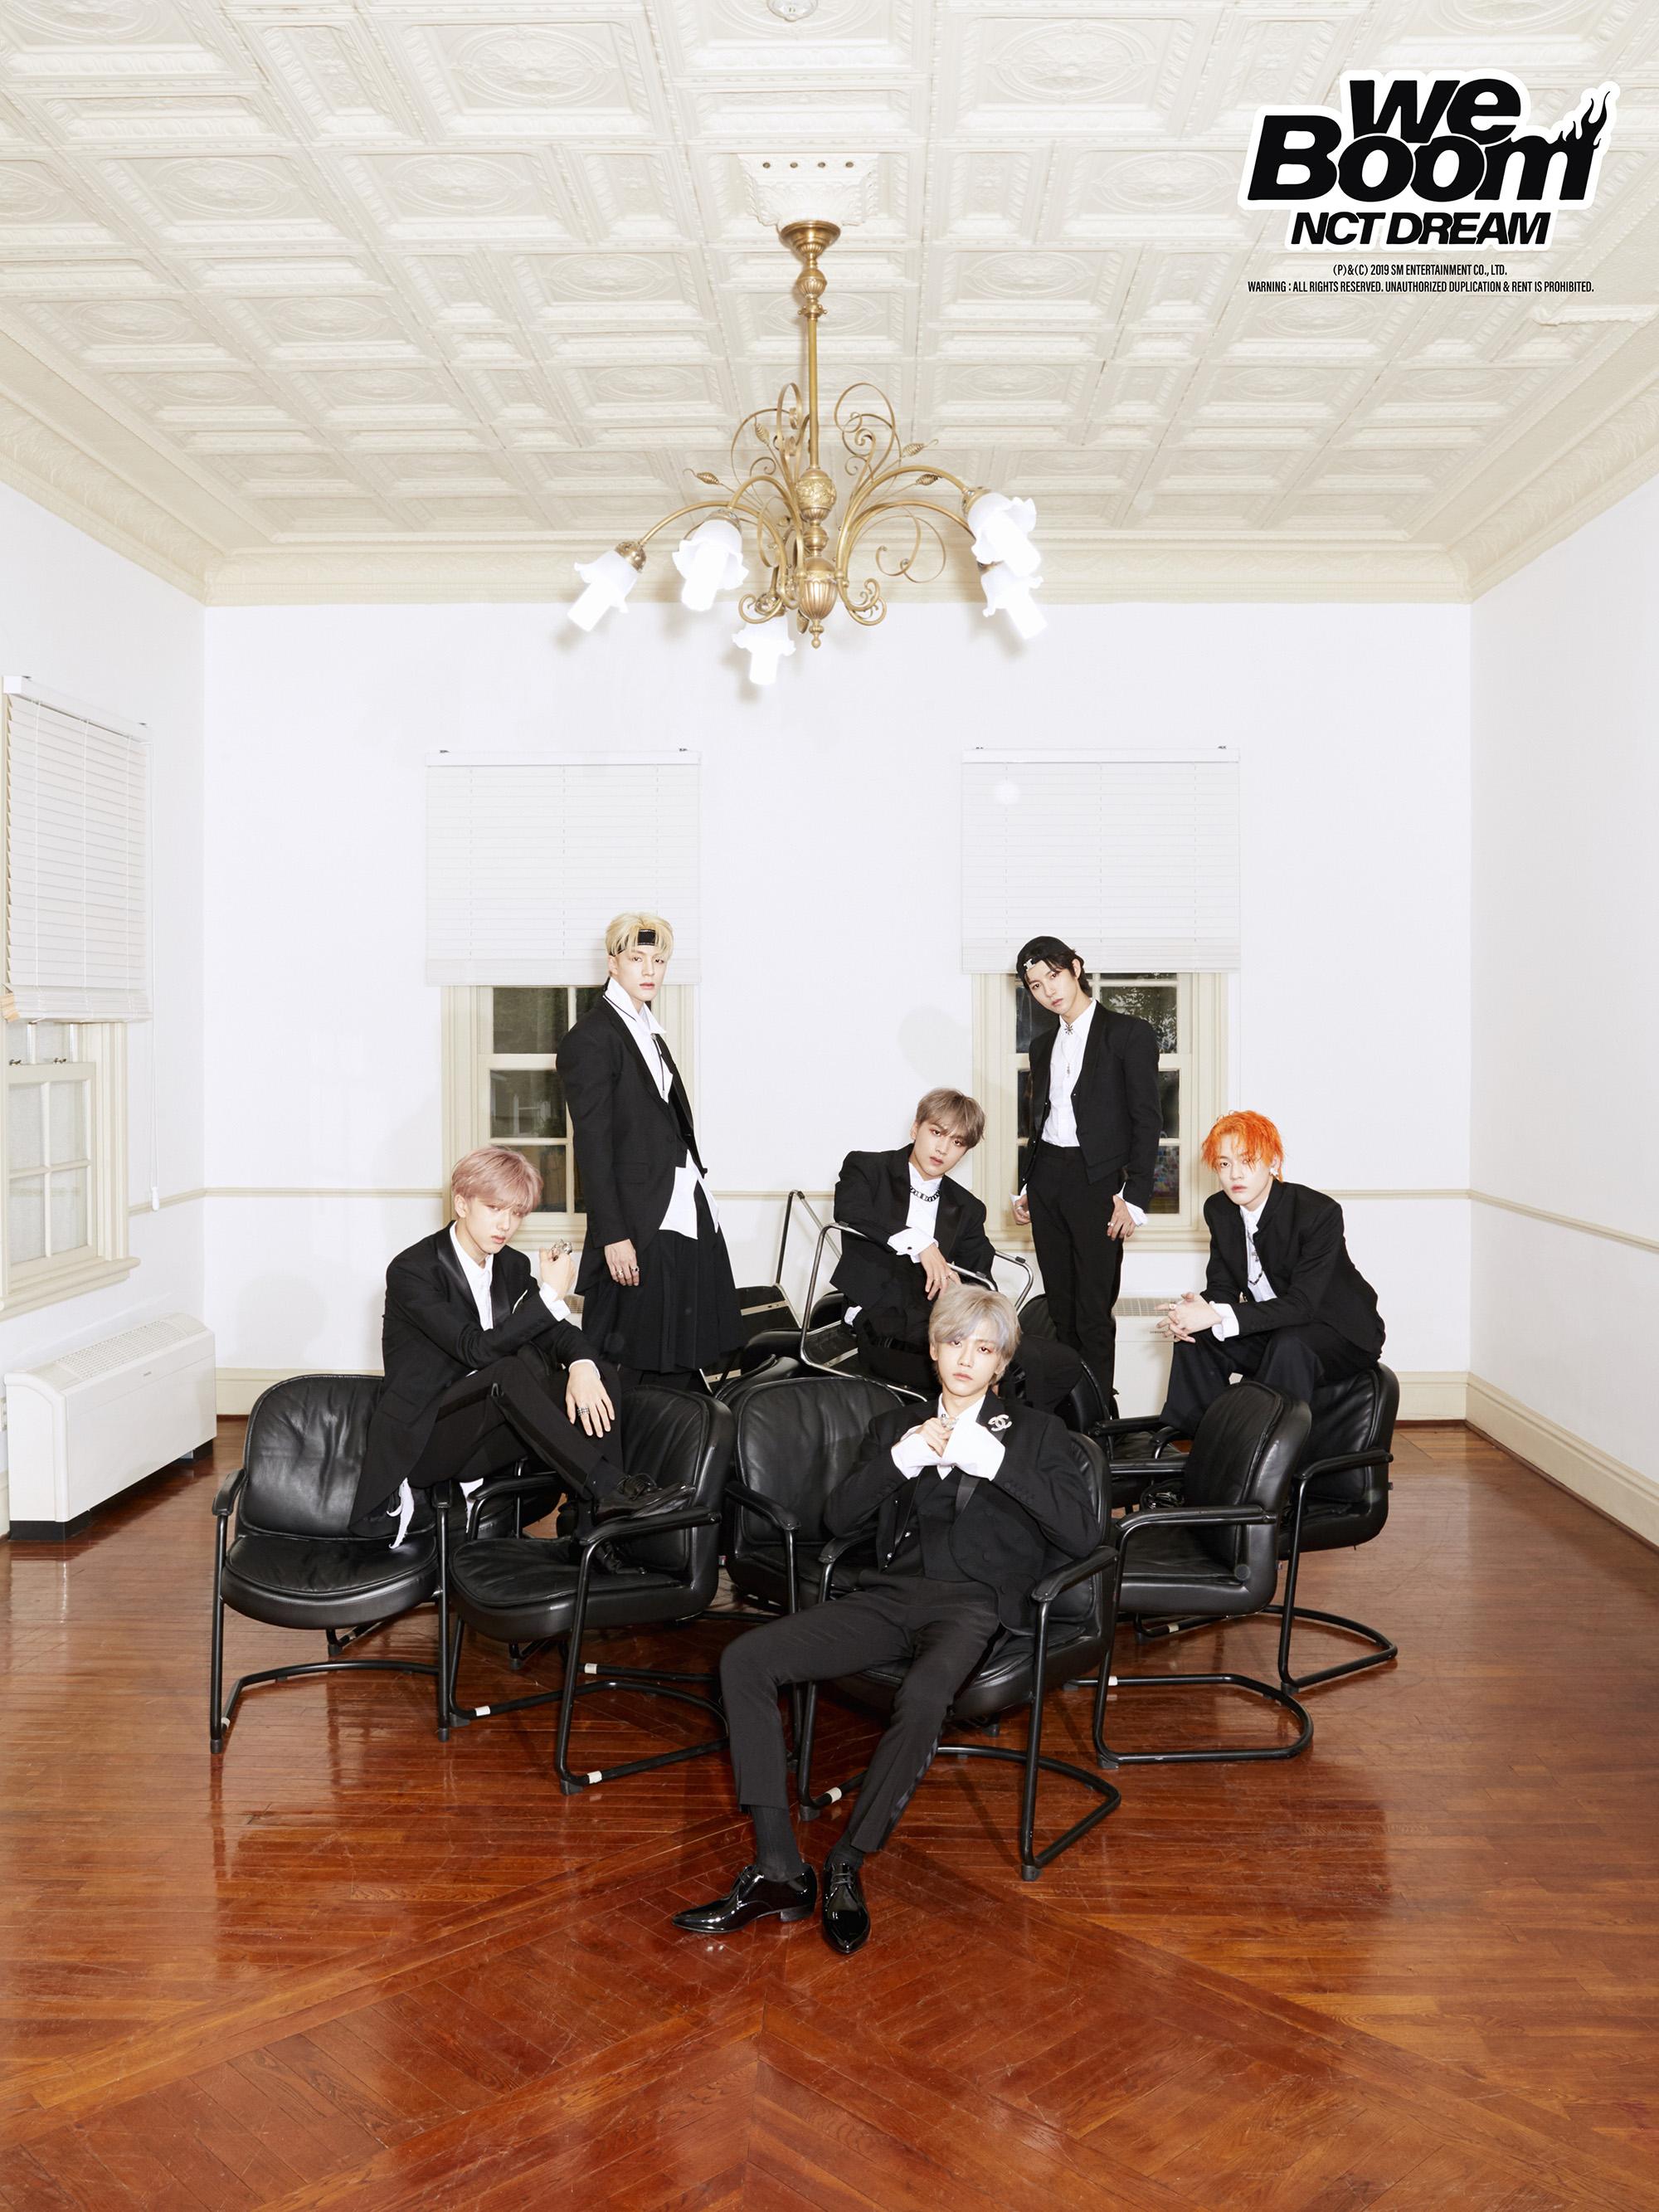 最强青少年队NCT DREAM携新歌《BOOM》回归